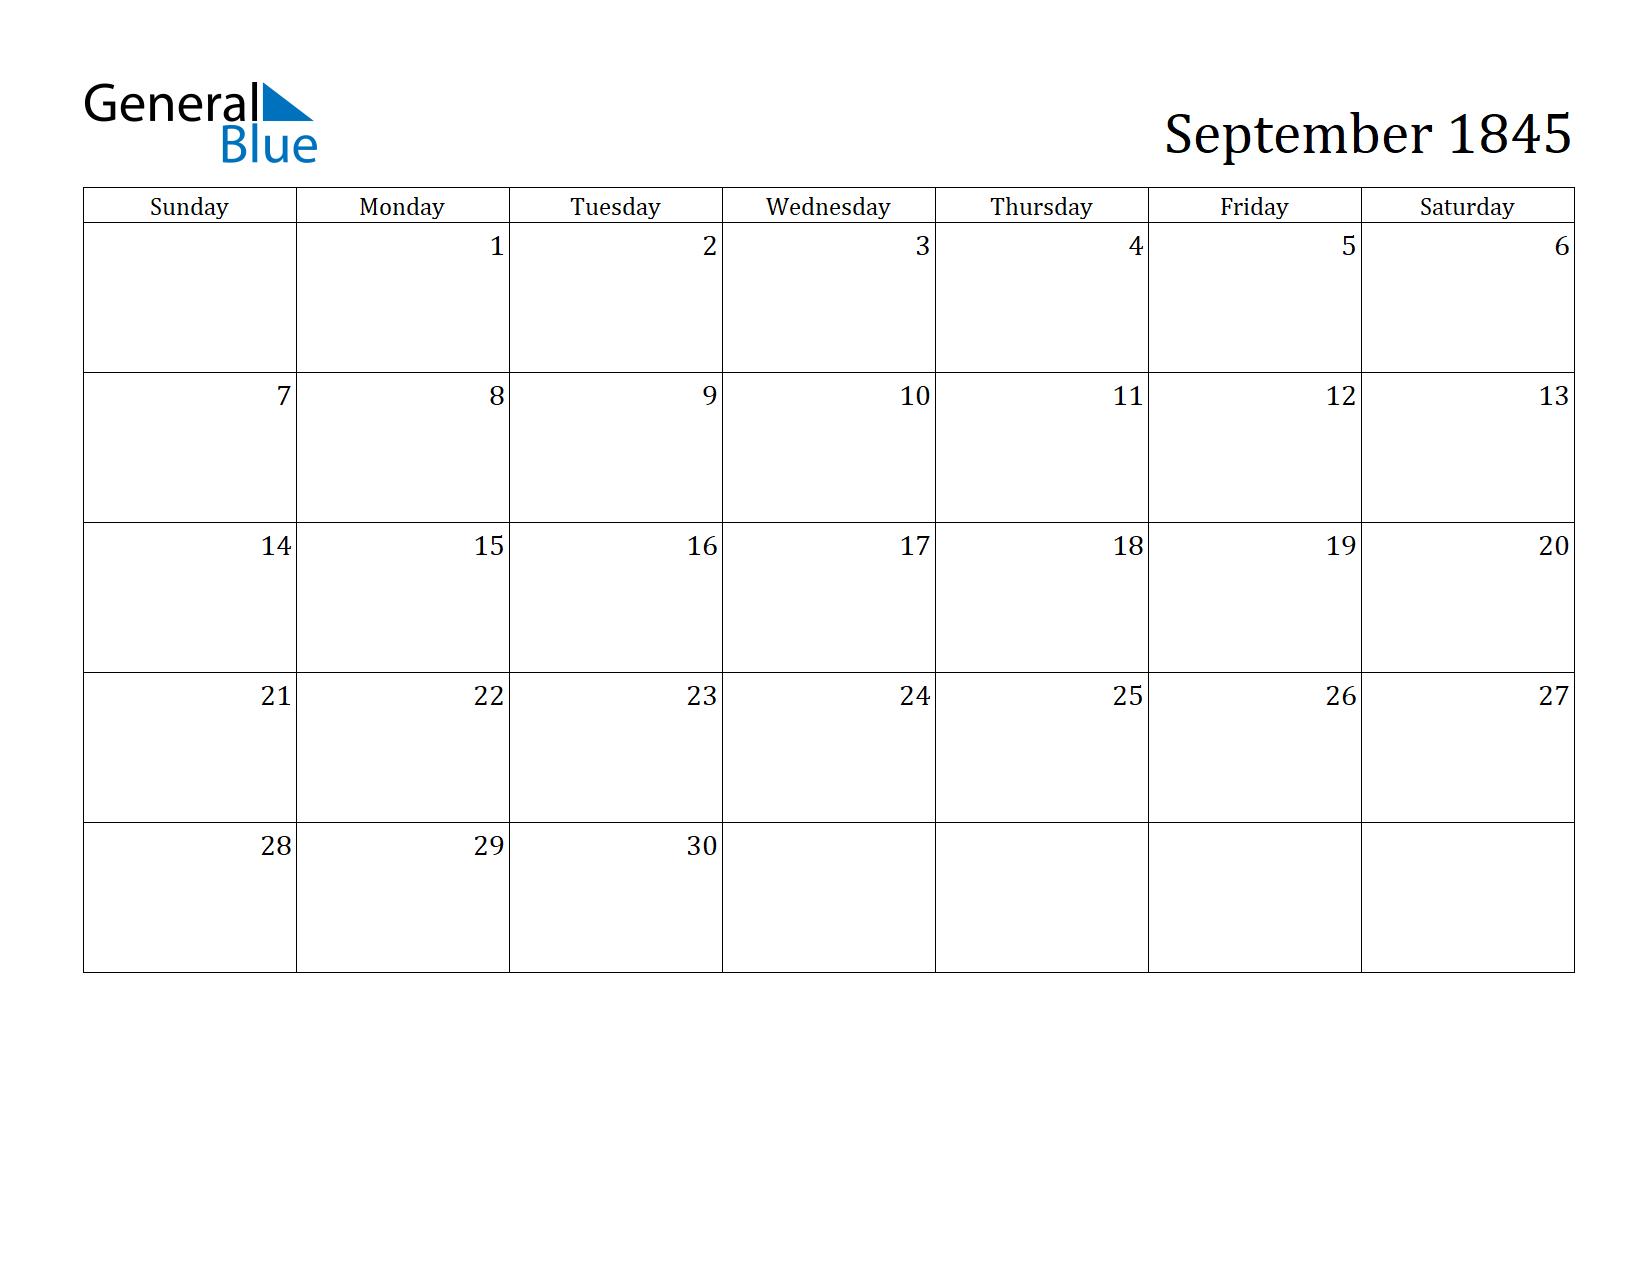 Image of September 1845 Calendar